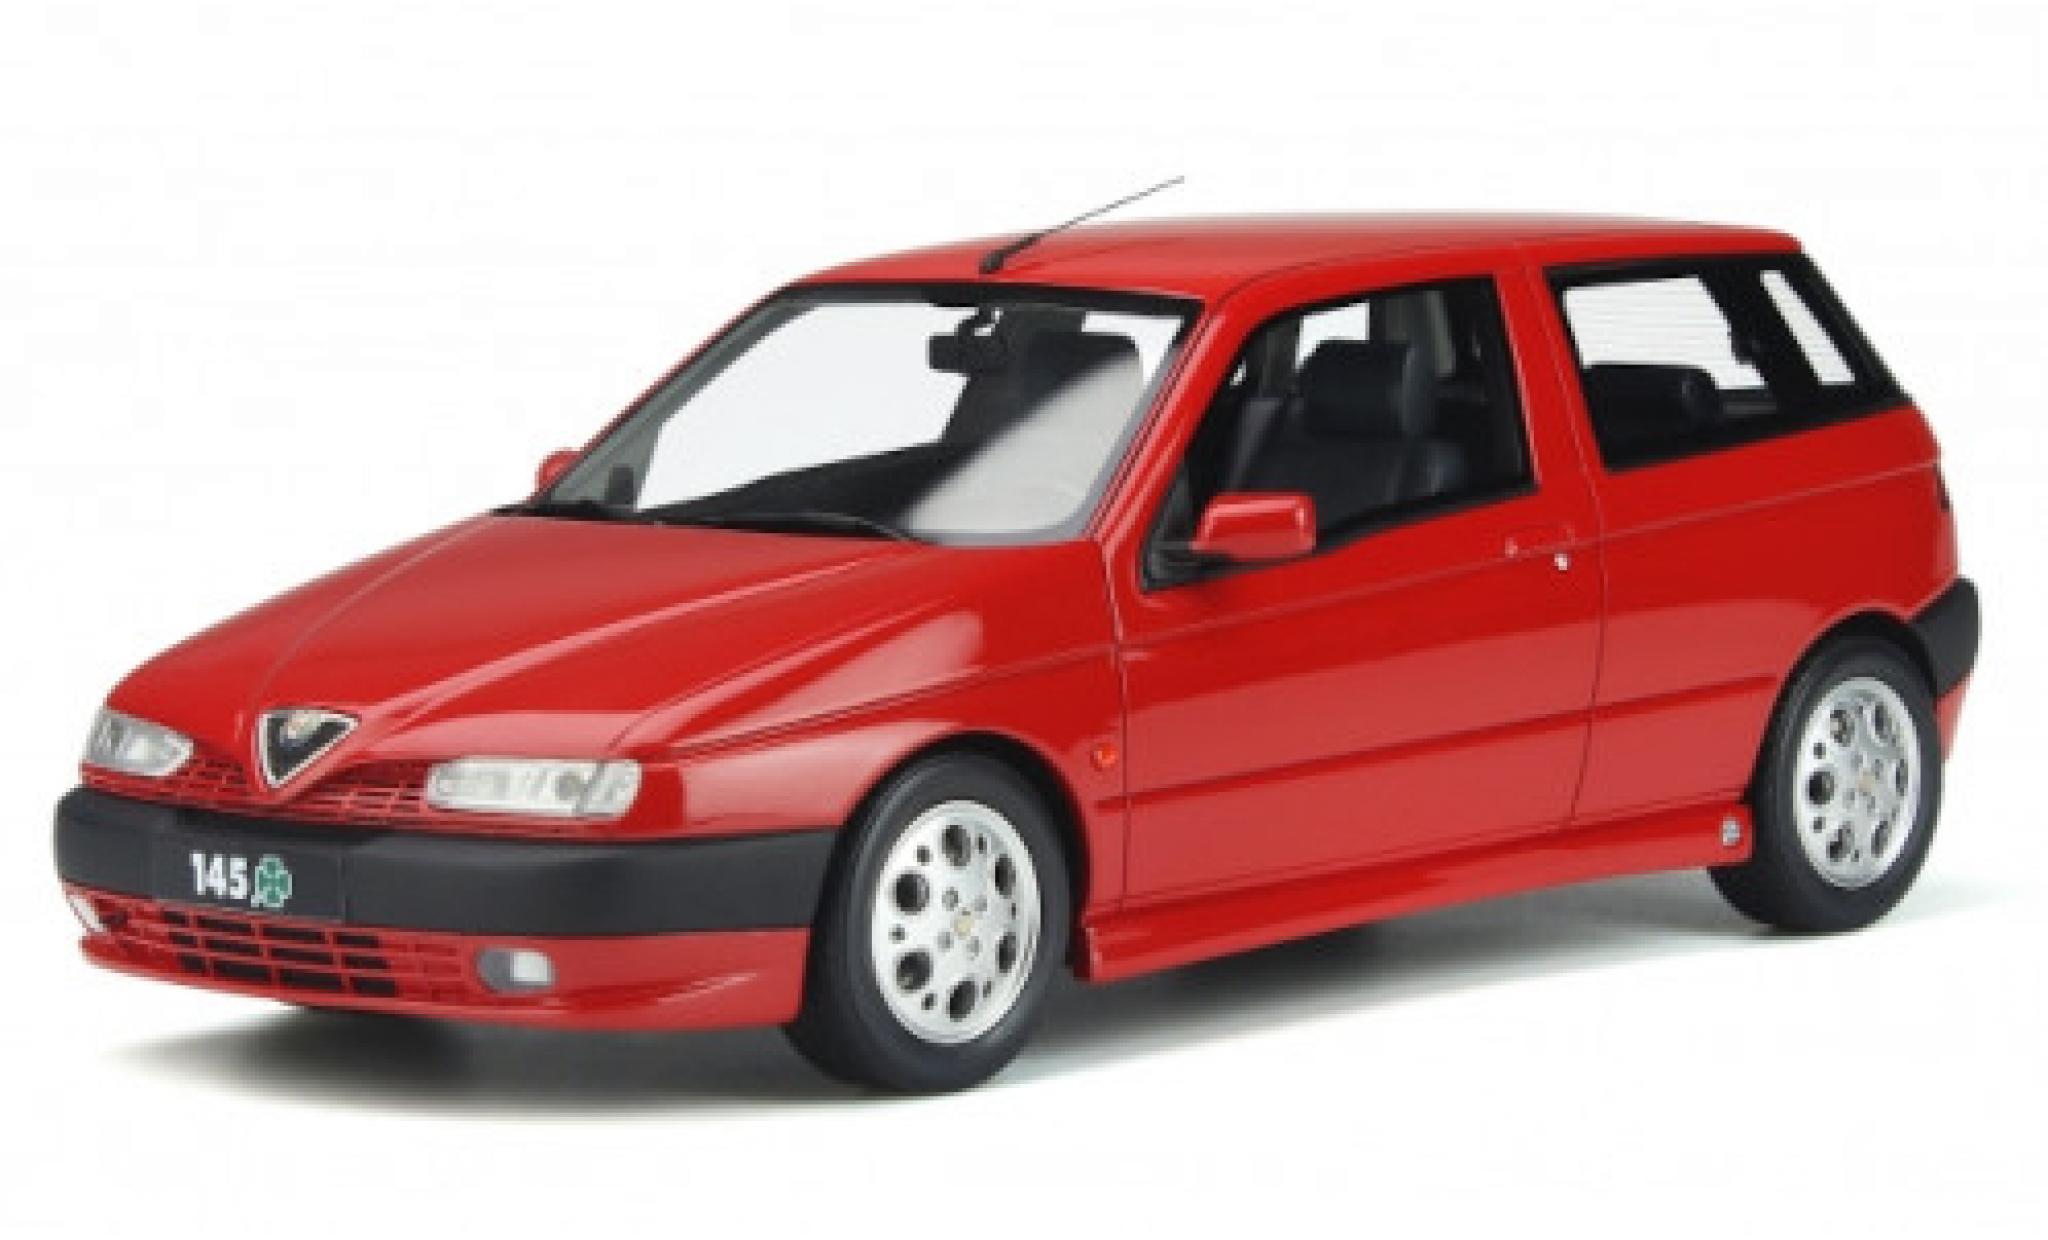 Alfa Romeo 145 1/18 Ottomobile Quadrifoglio red 1998